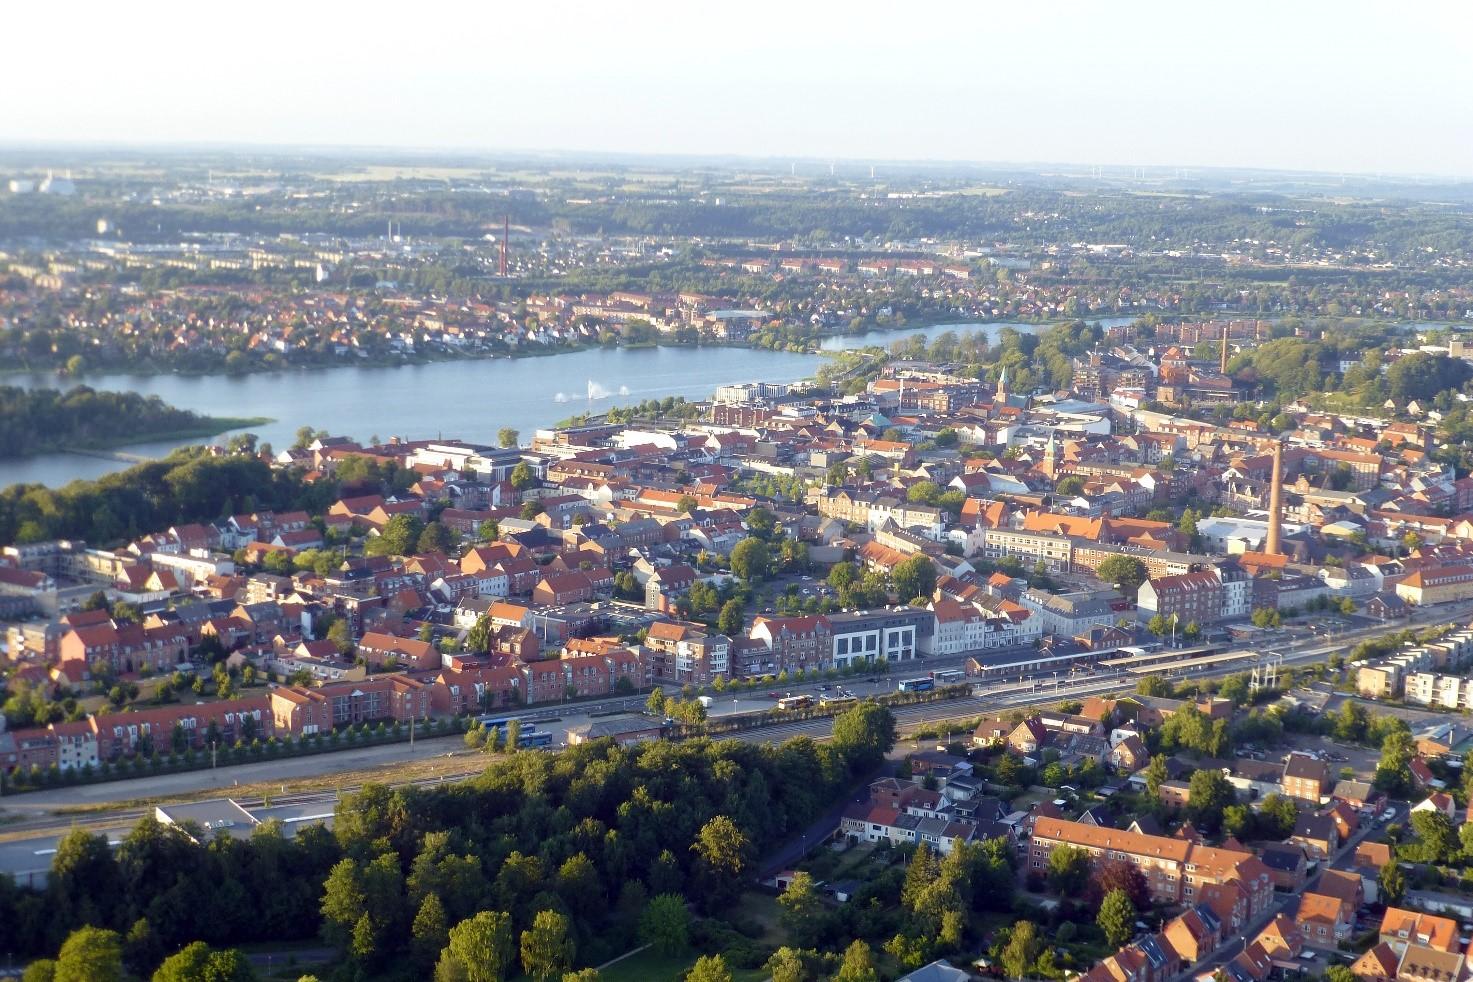 Lejebolig i Silkeborg . Se lejeboliger - ledige lejligheder og huse til leje - i Silkeborg